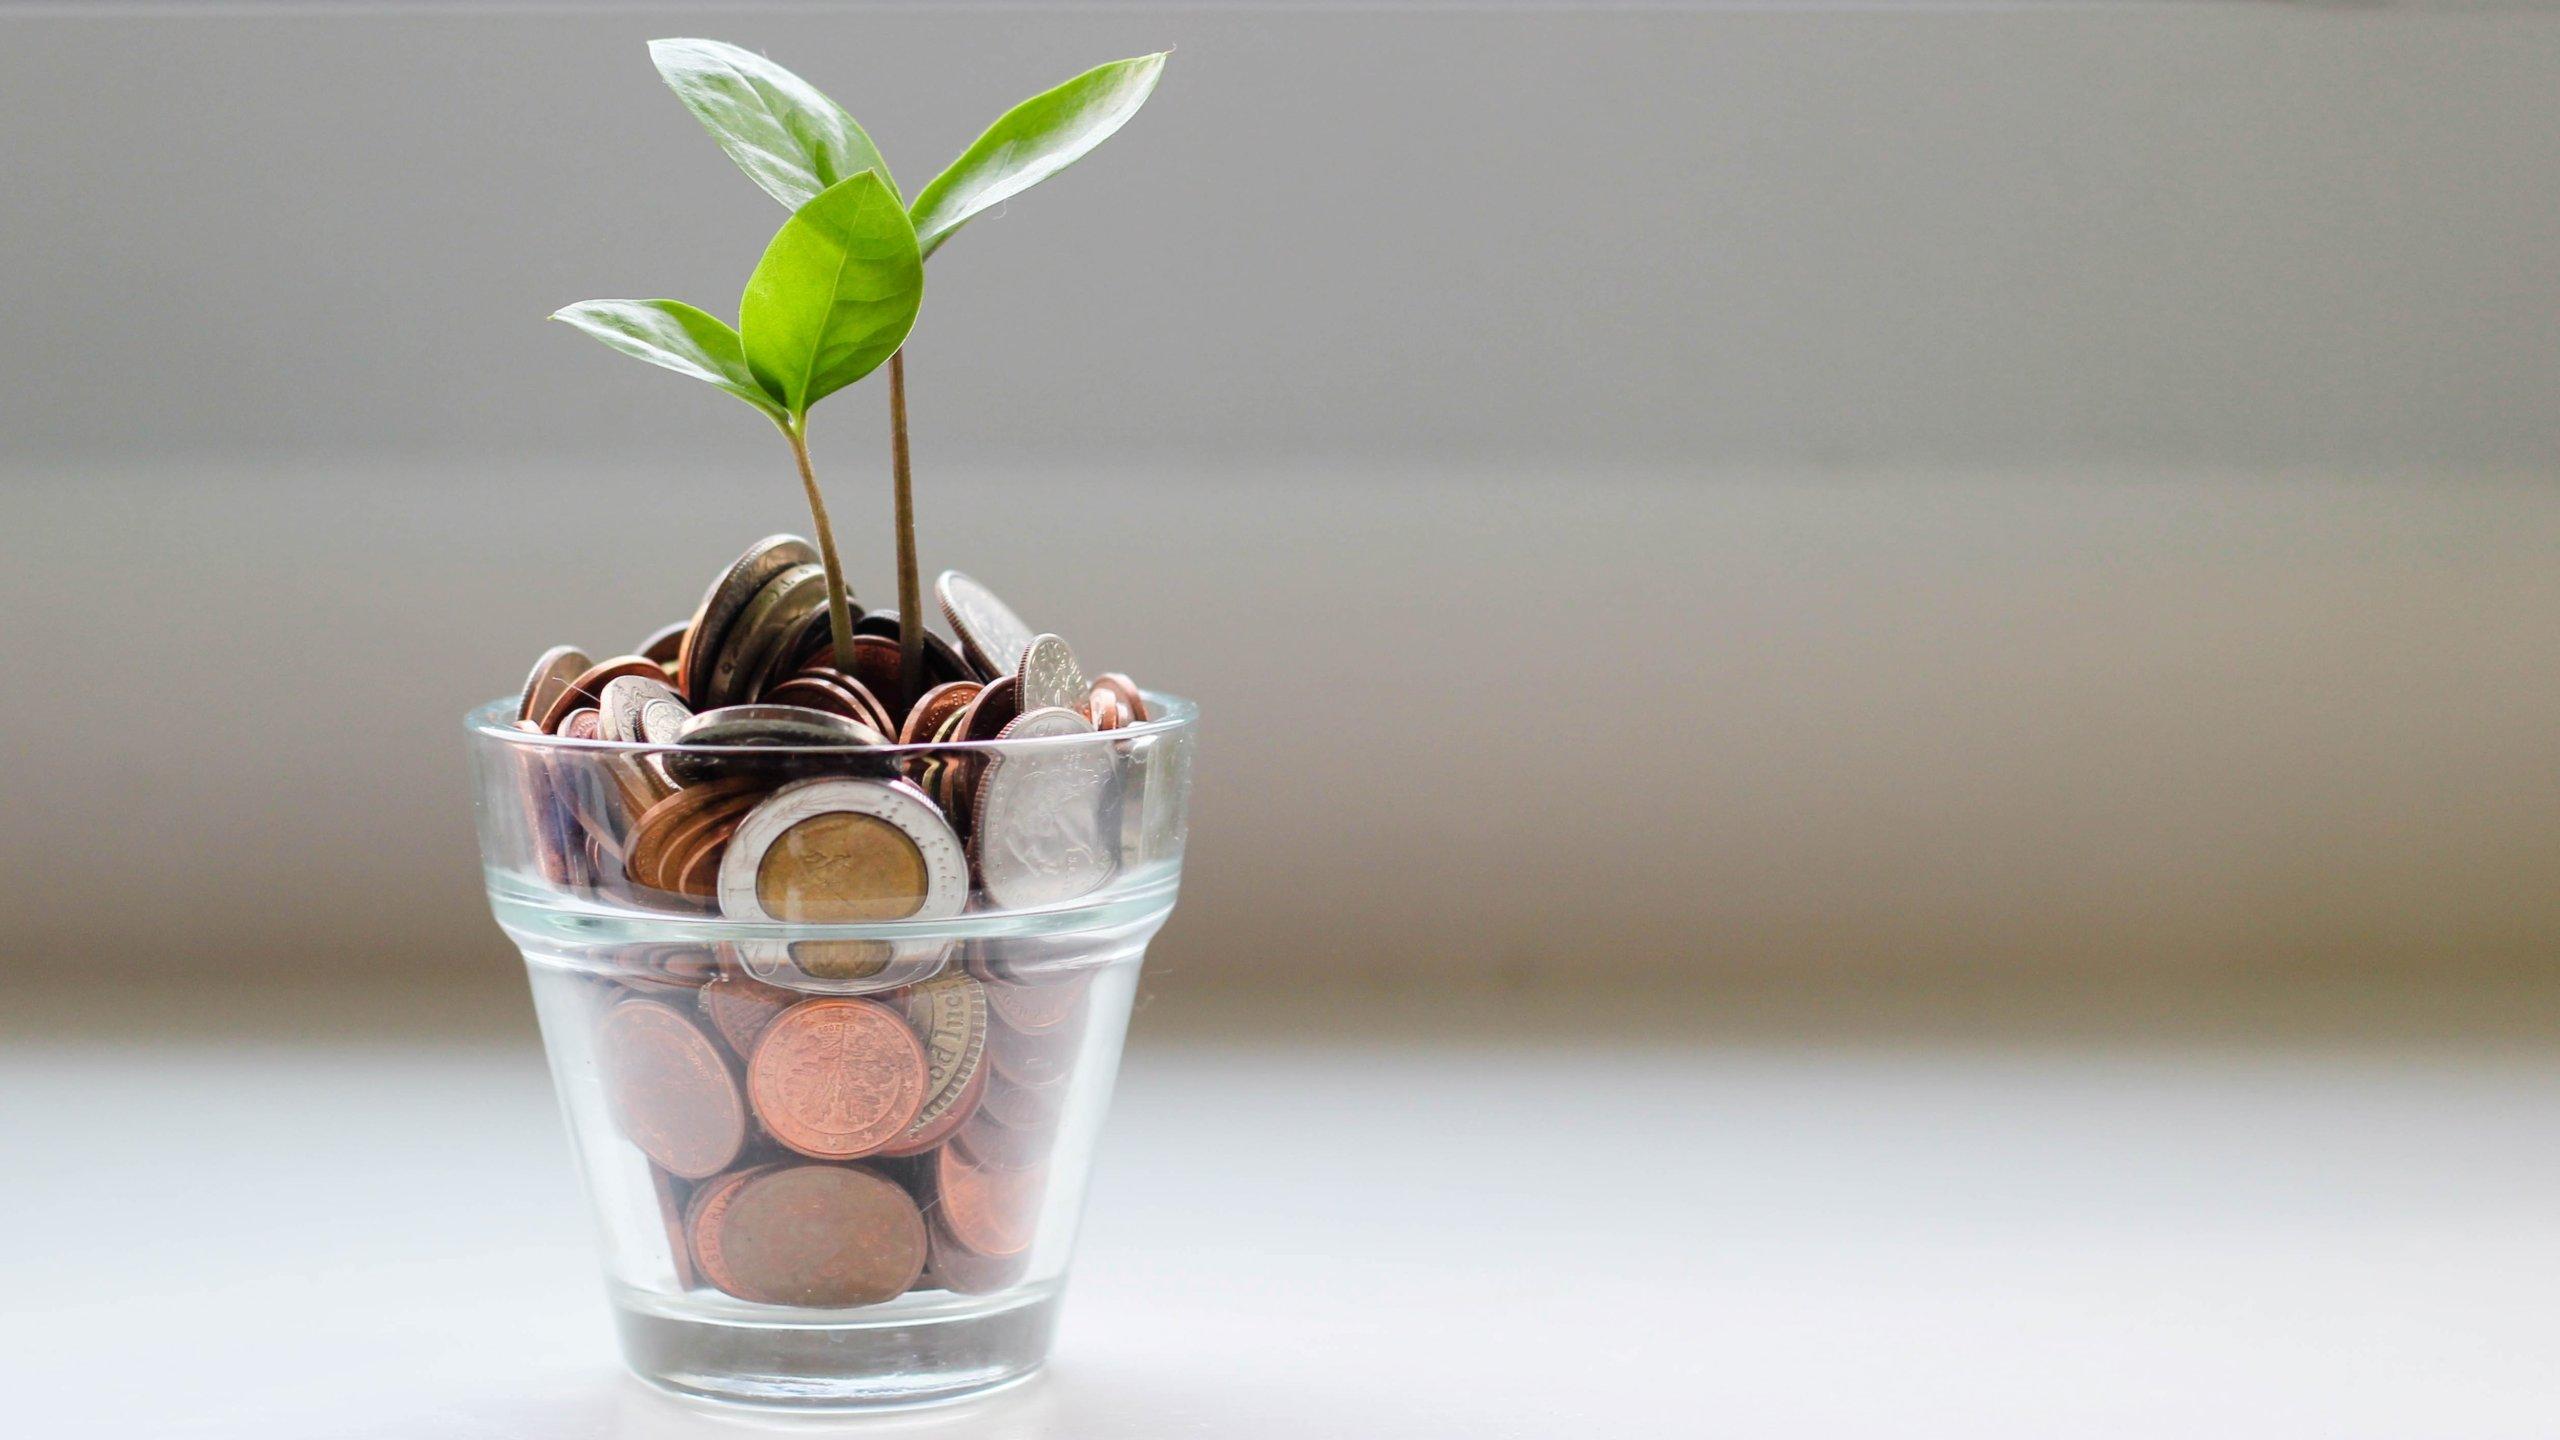 Финансовое моделирование. <strong>Что выгоднее — отсрочка или скидка?</strong>